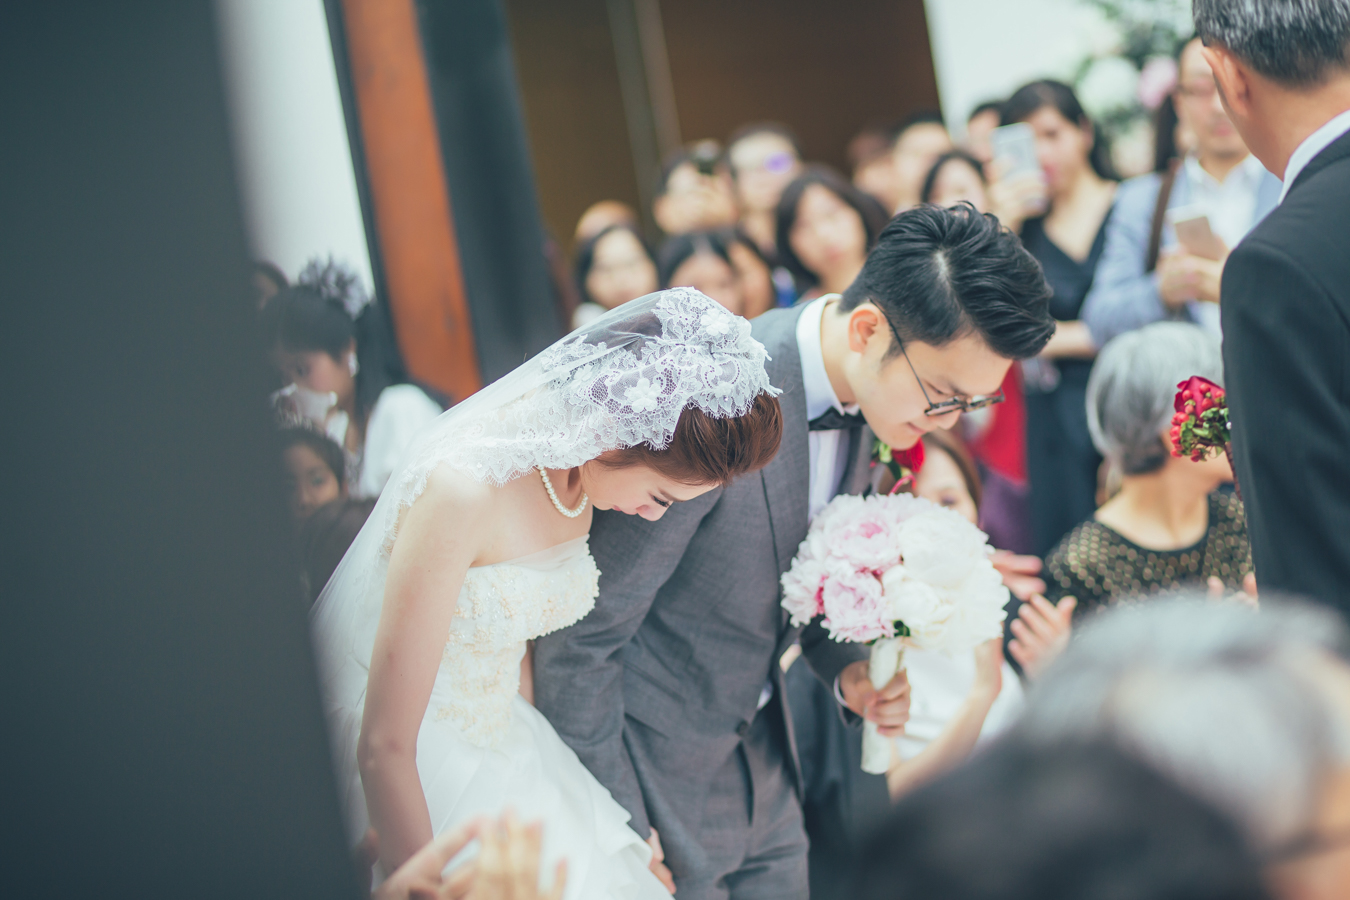 婚禮紀錄  耀漢 & 姿涵  涵碧樓